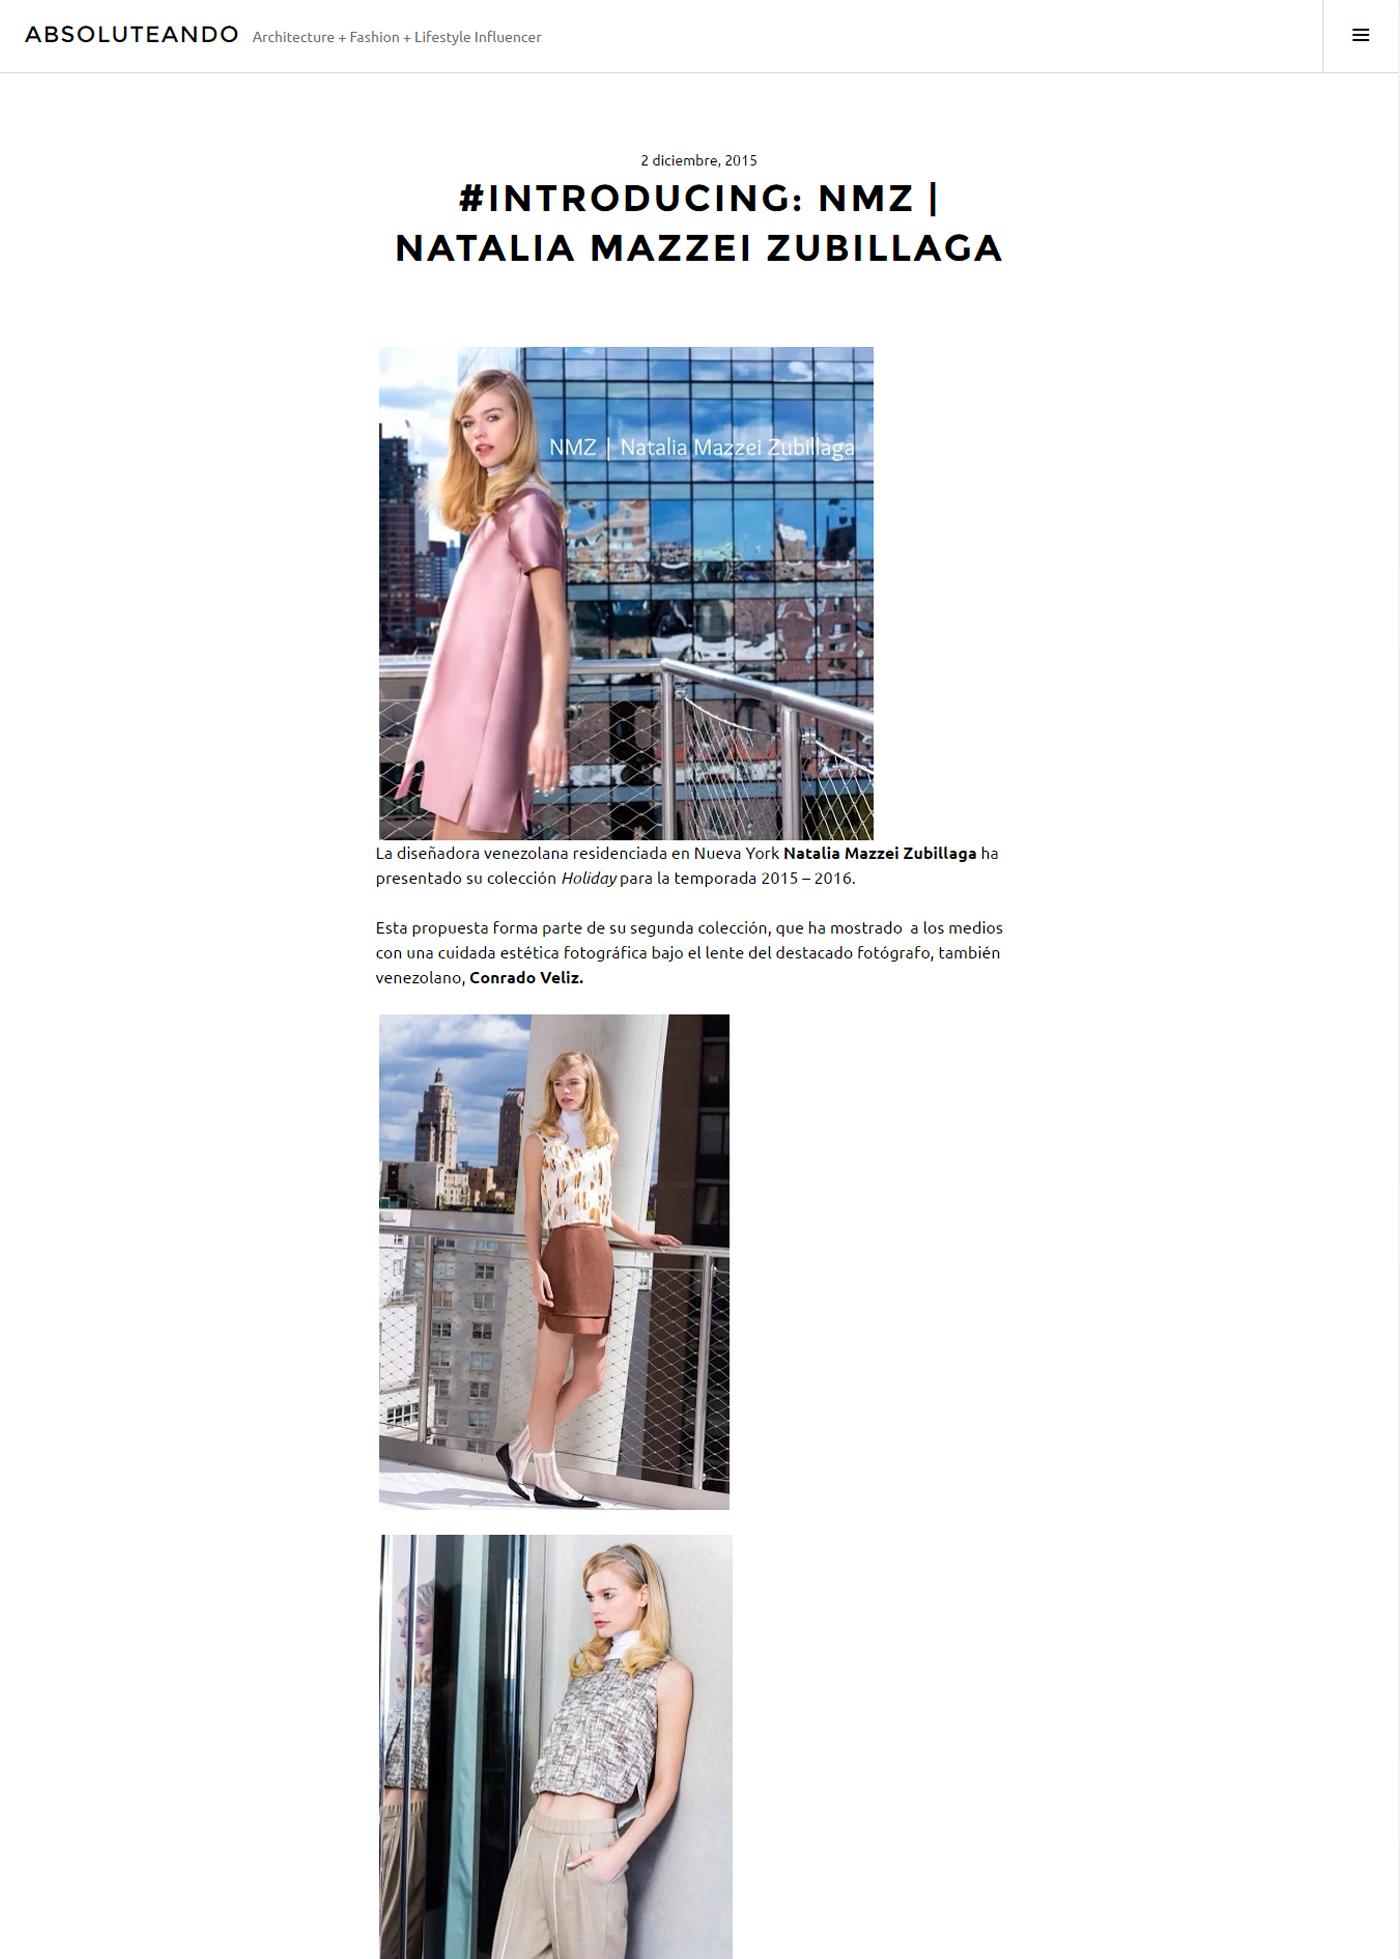 absoluteando.wordpress.com  - Diciembre 2015